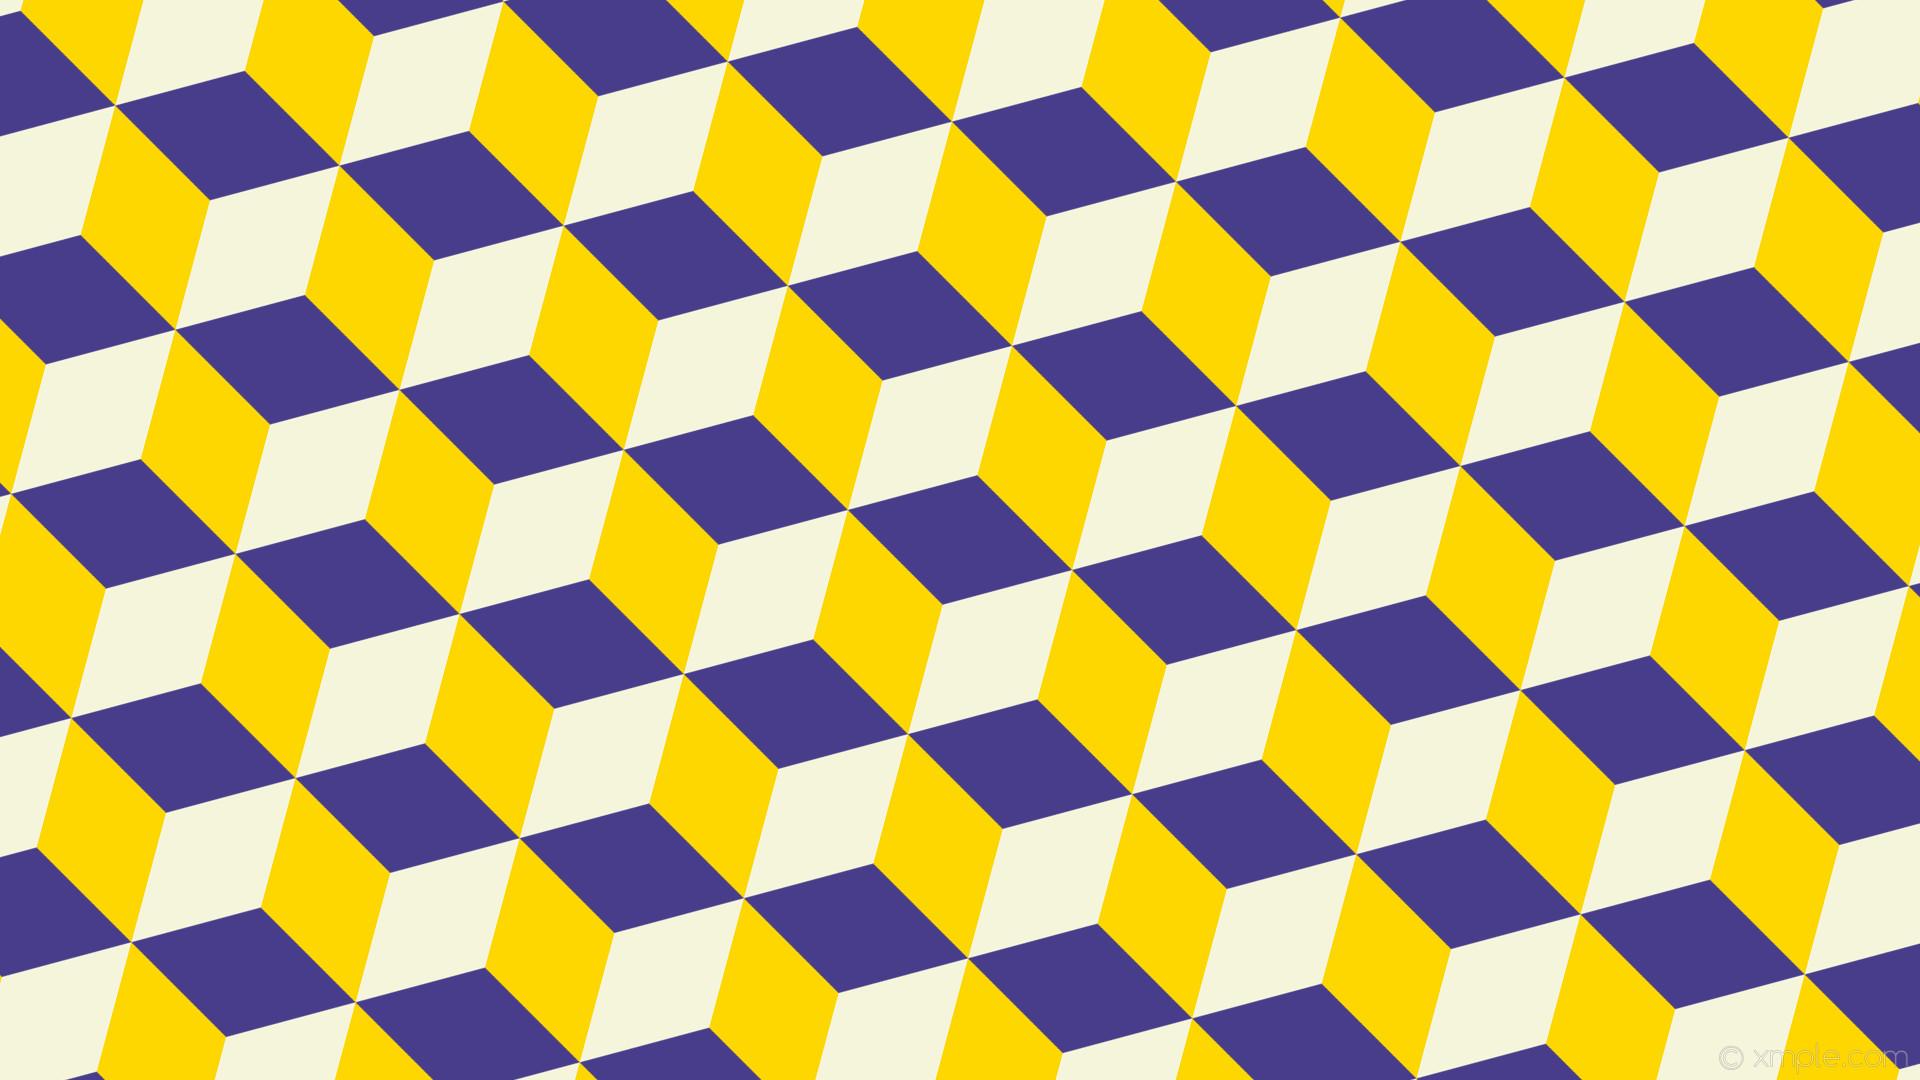 wallpaper 3d cubes purple white yellow dark slate blue gold beige #483d8b  #ffd700 #